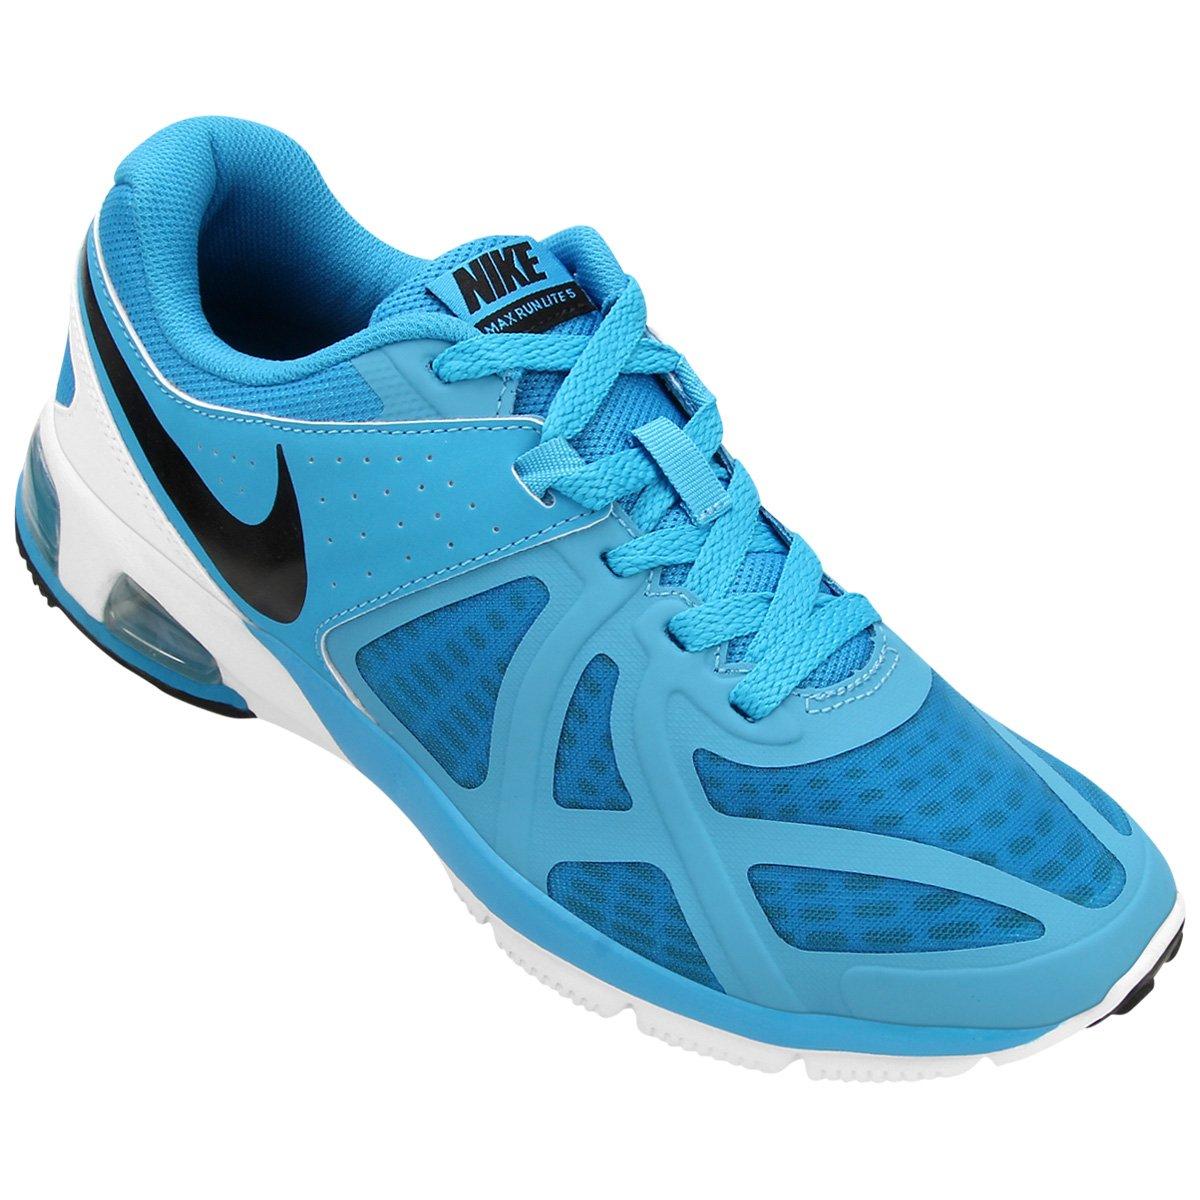 1c77d565d5a Tênis Nike Air Max Run Lite 5 Masculino - Compre Agora